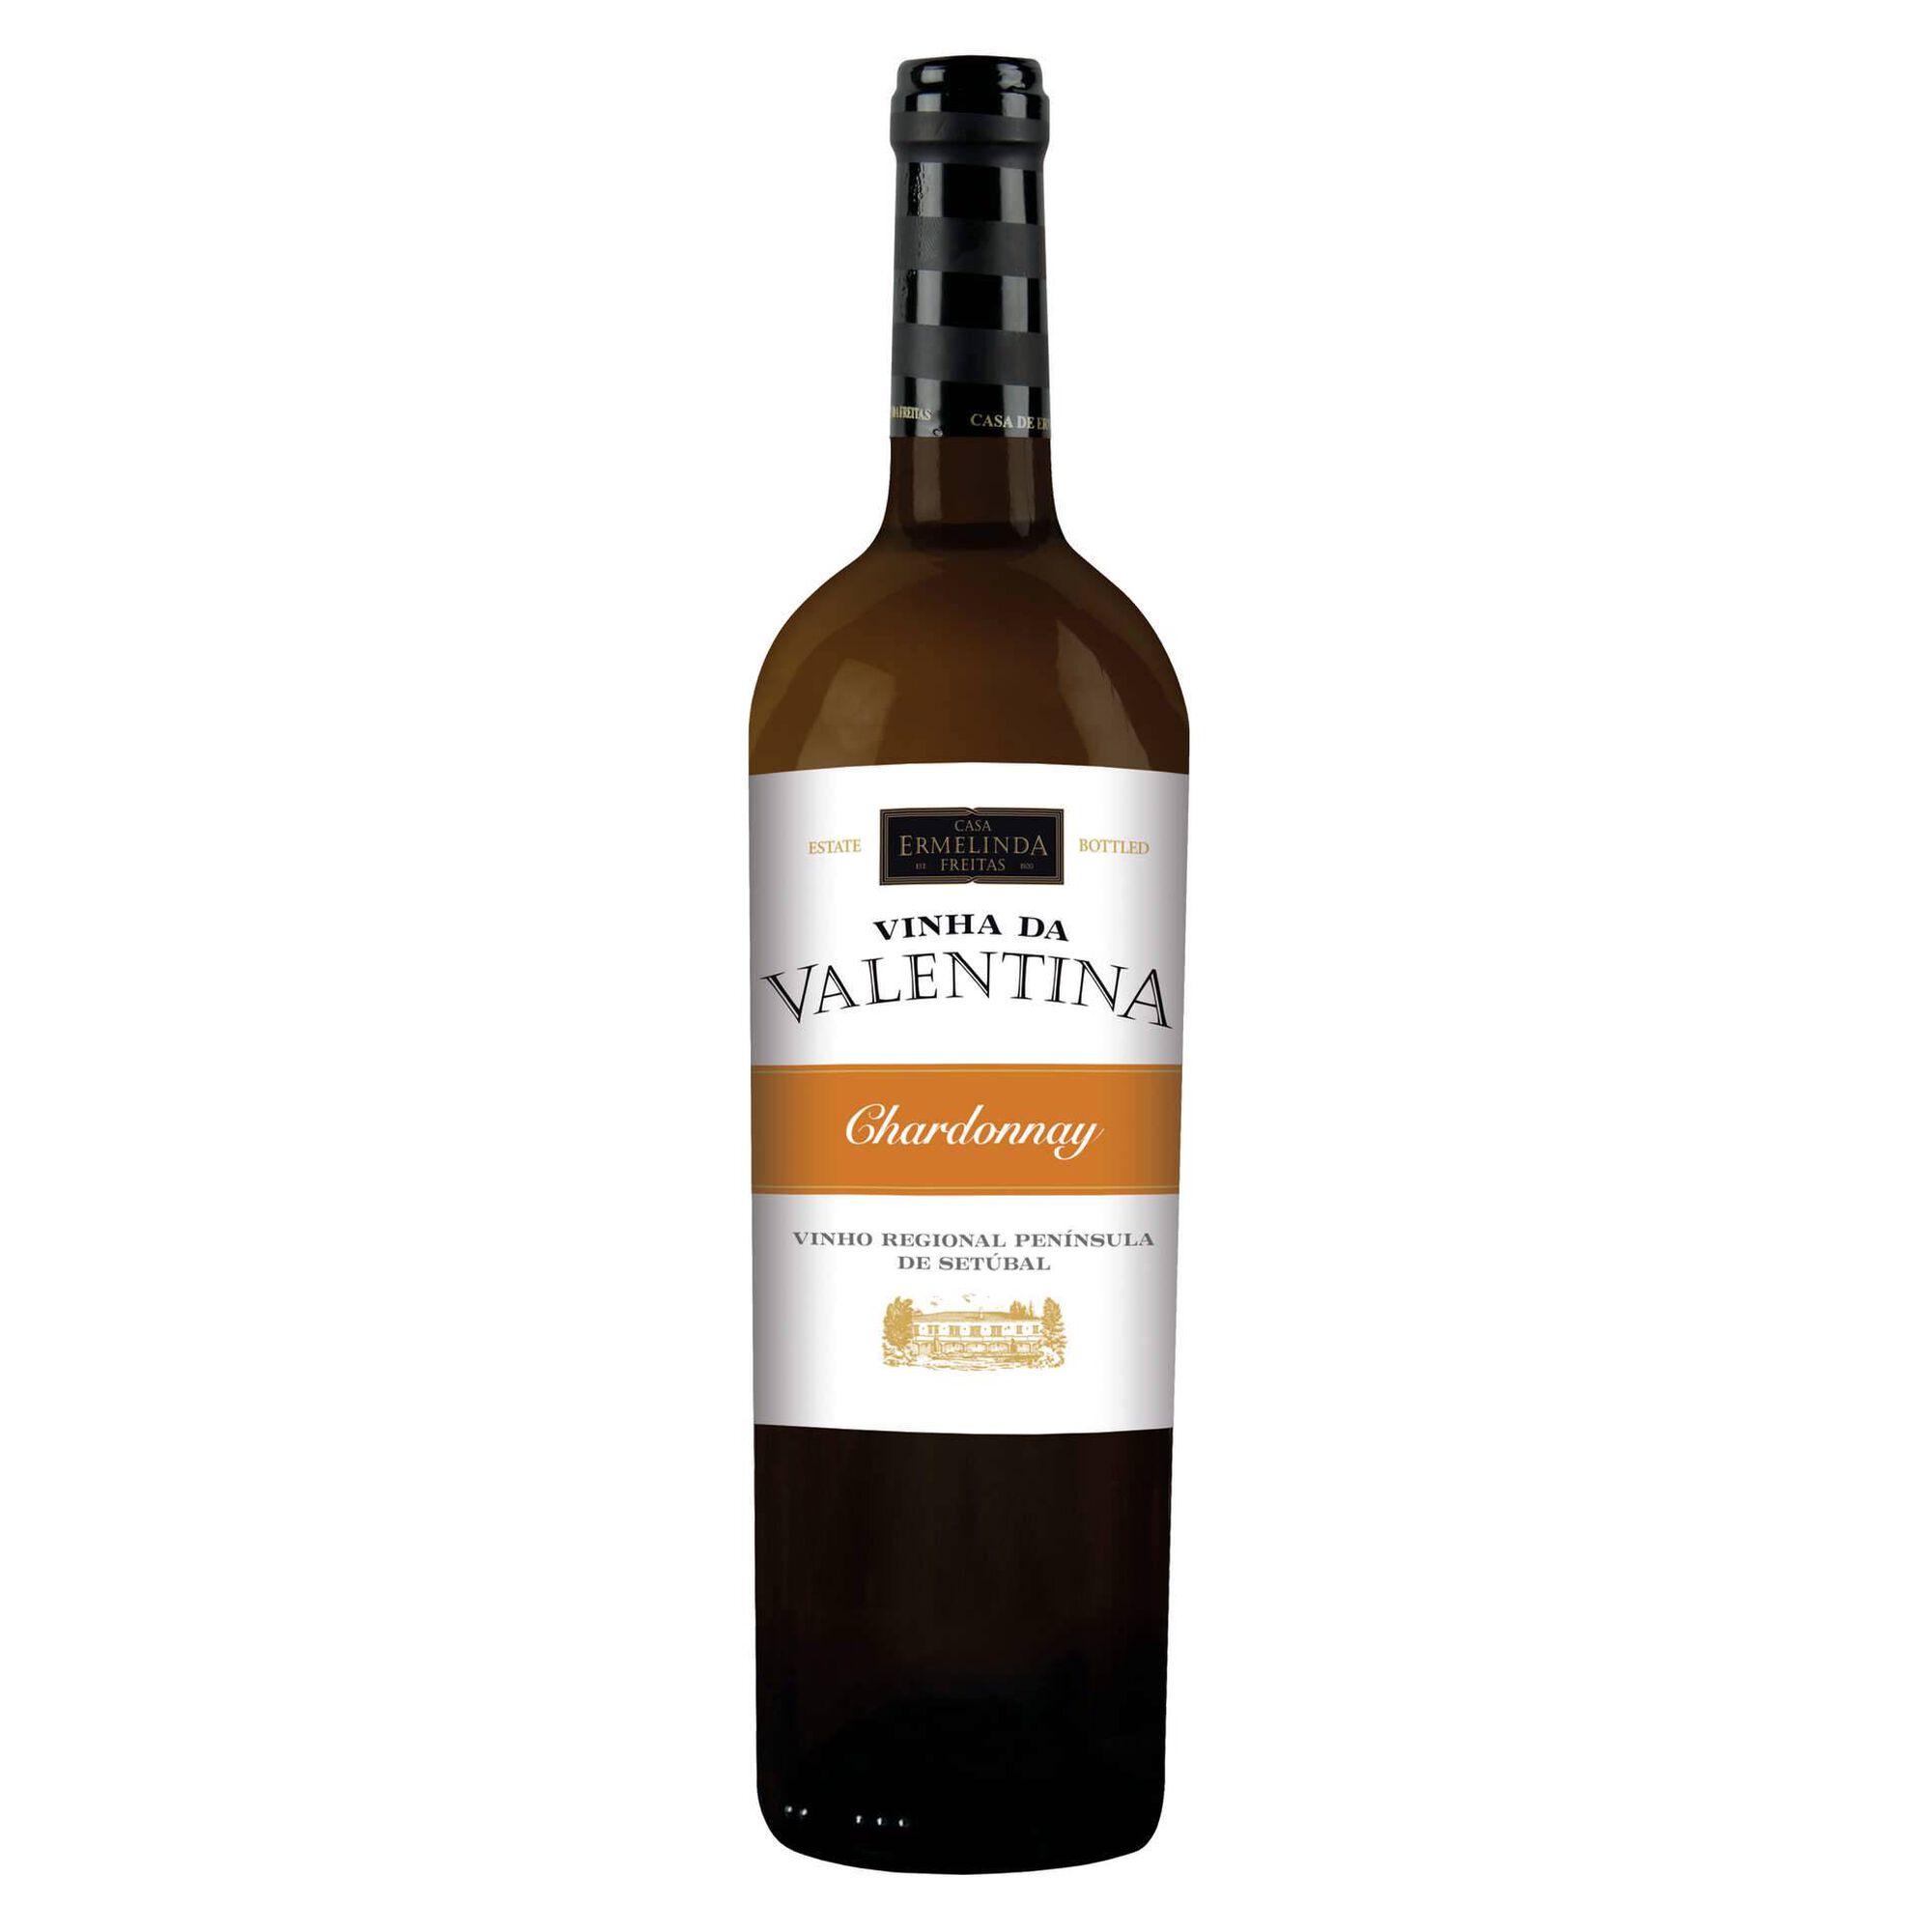 Vinha da Valentina Chardonnay Regional Península de Setúbal Vinho Branco